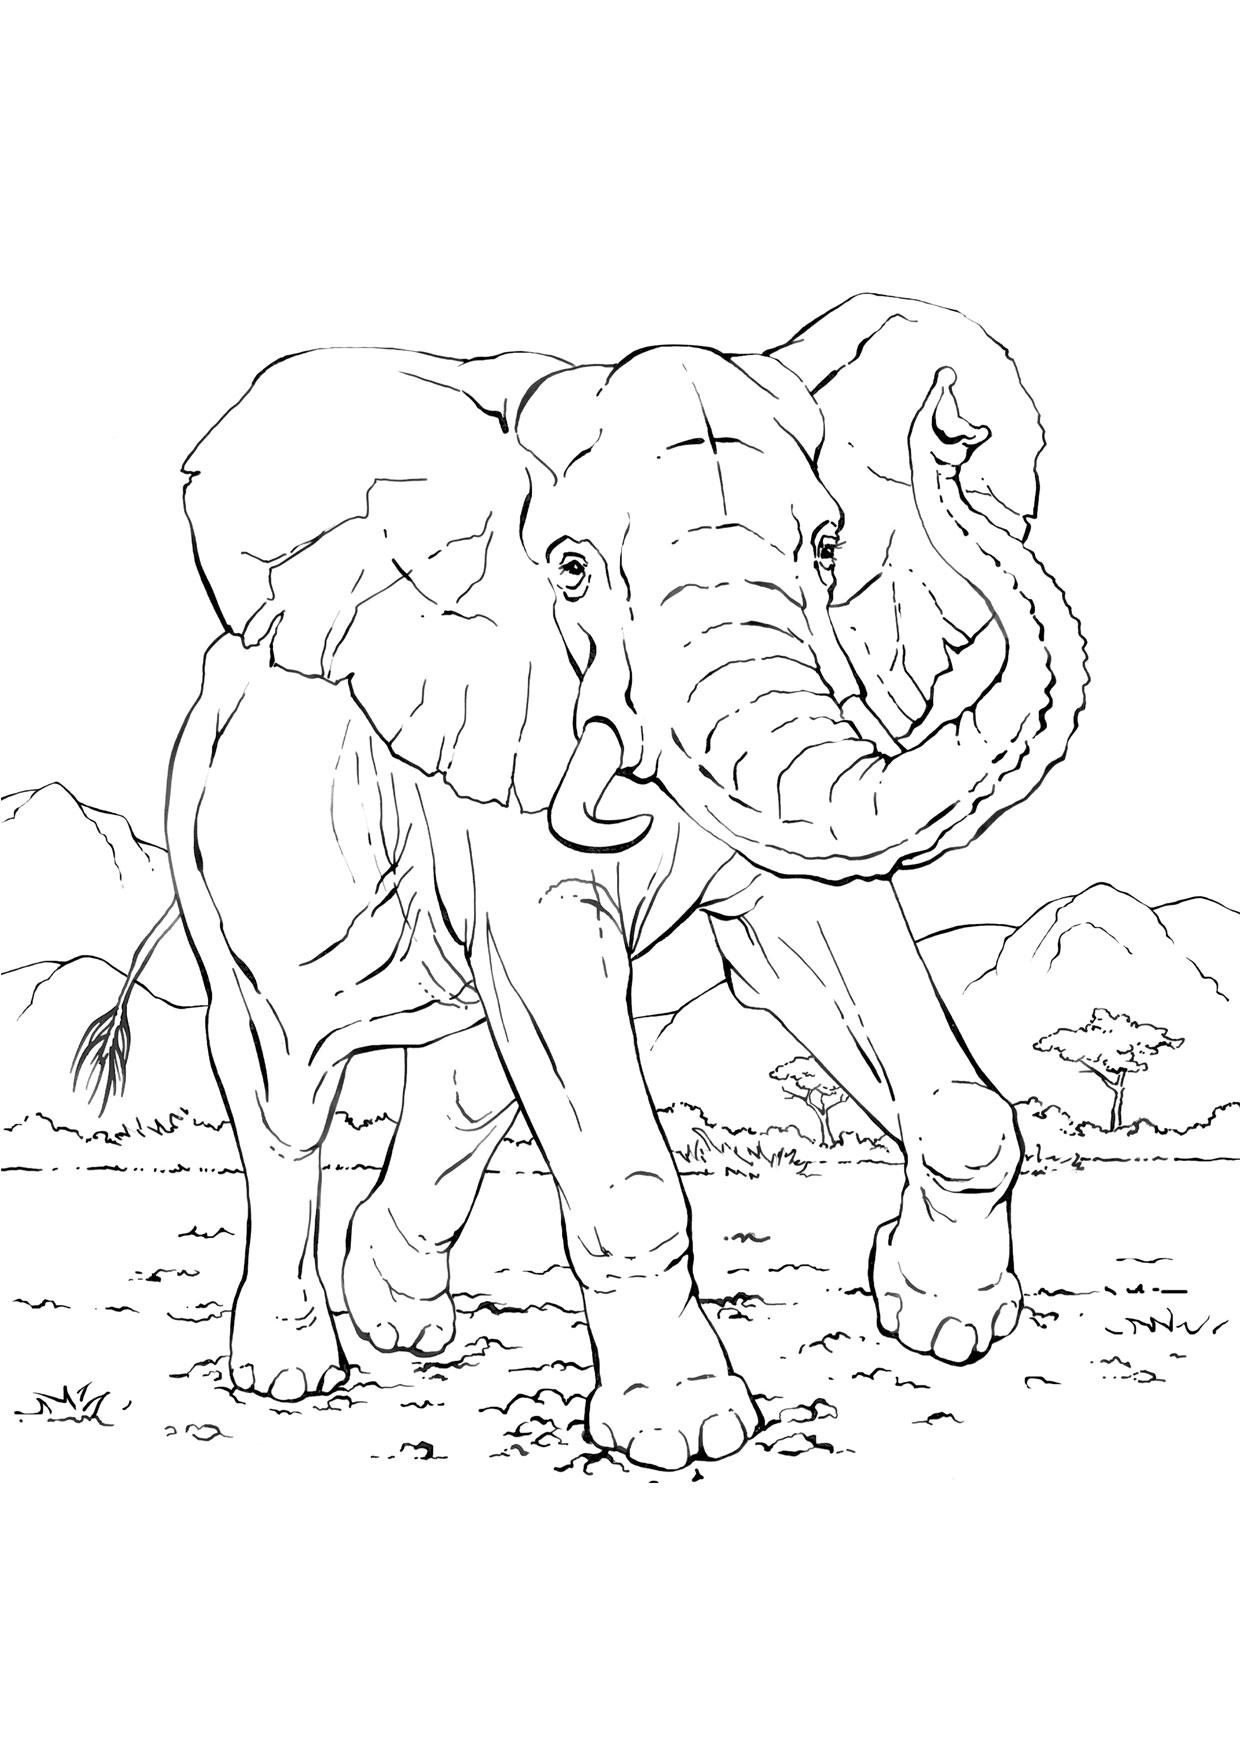 Disegno di elefanti da colorare 25